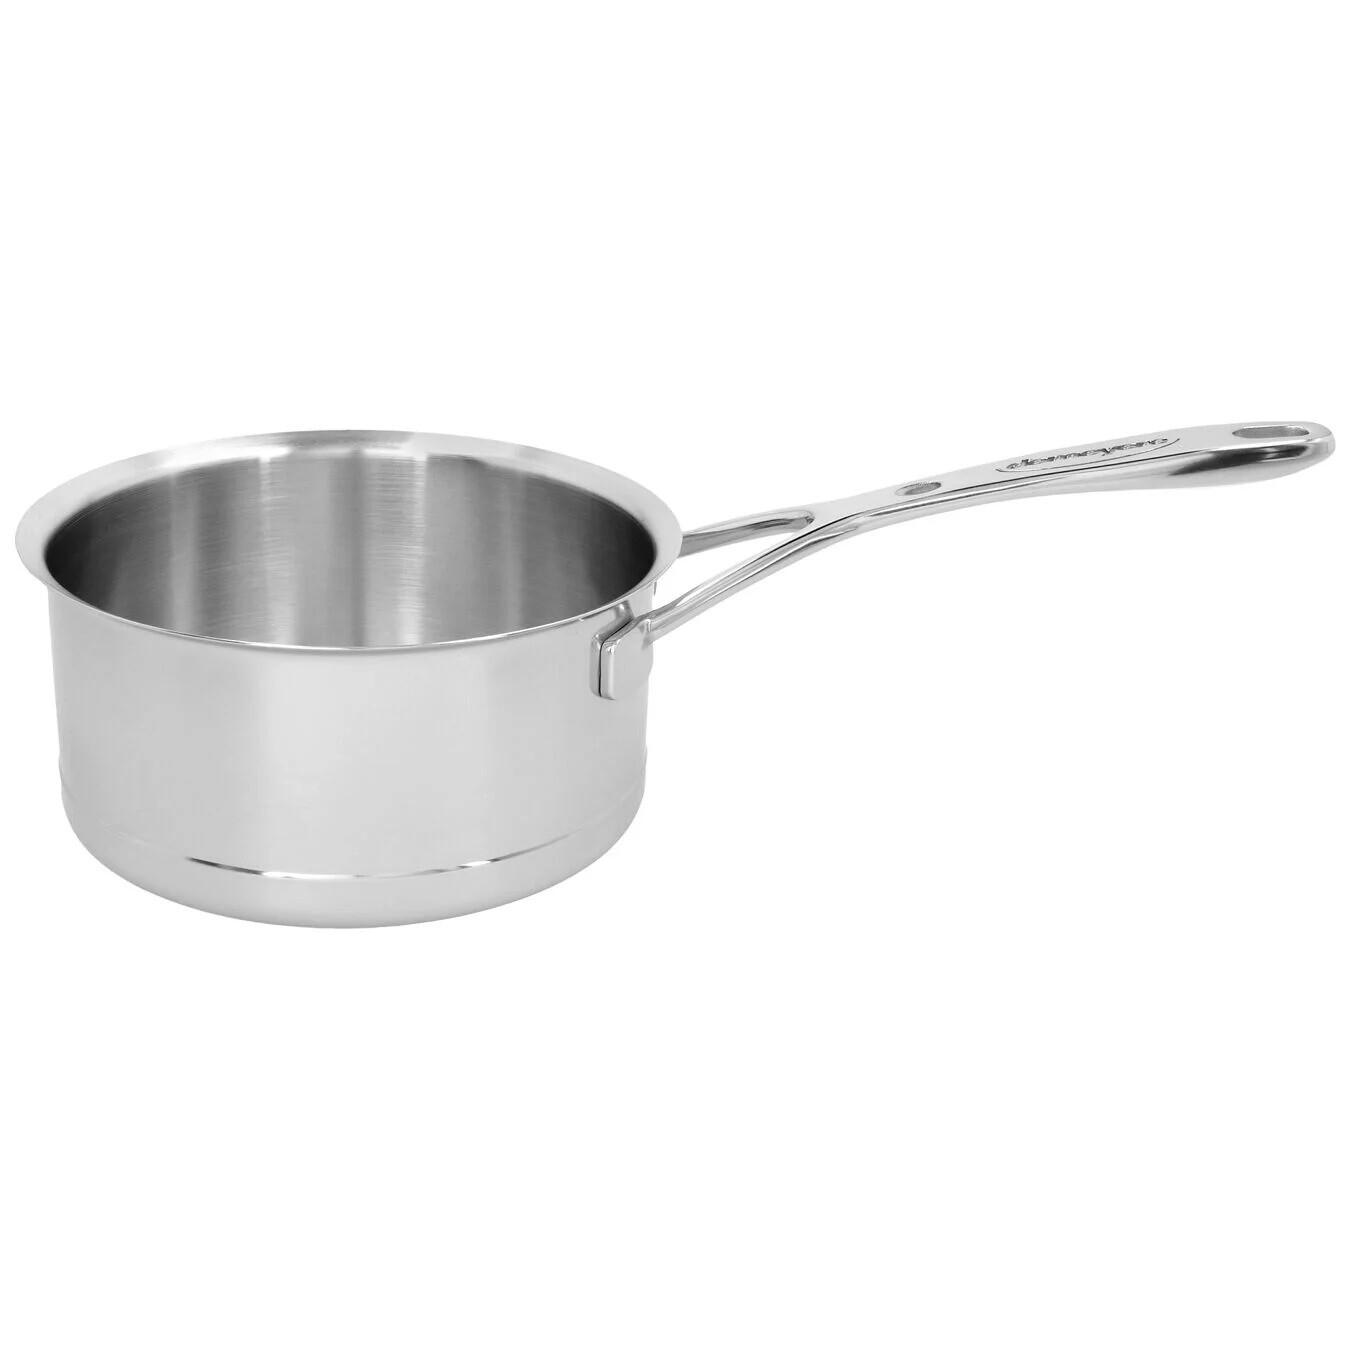 DEMEYERE 'silver 7' steelpan 16cm / 1,5L